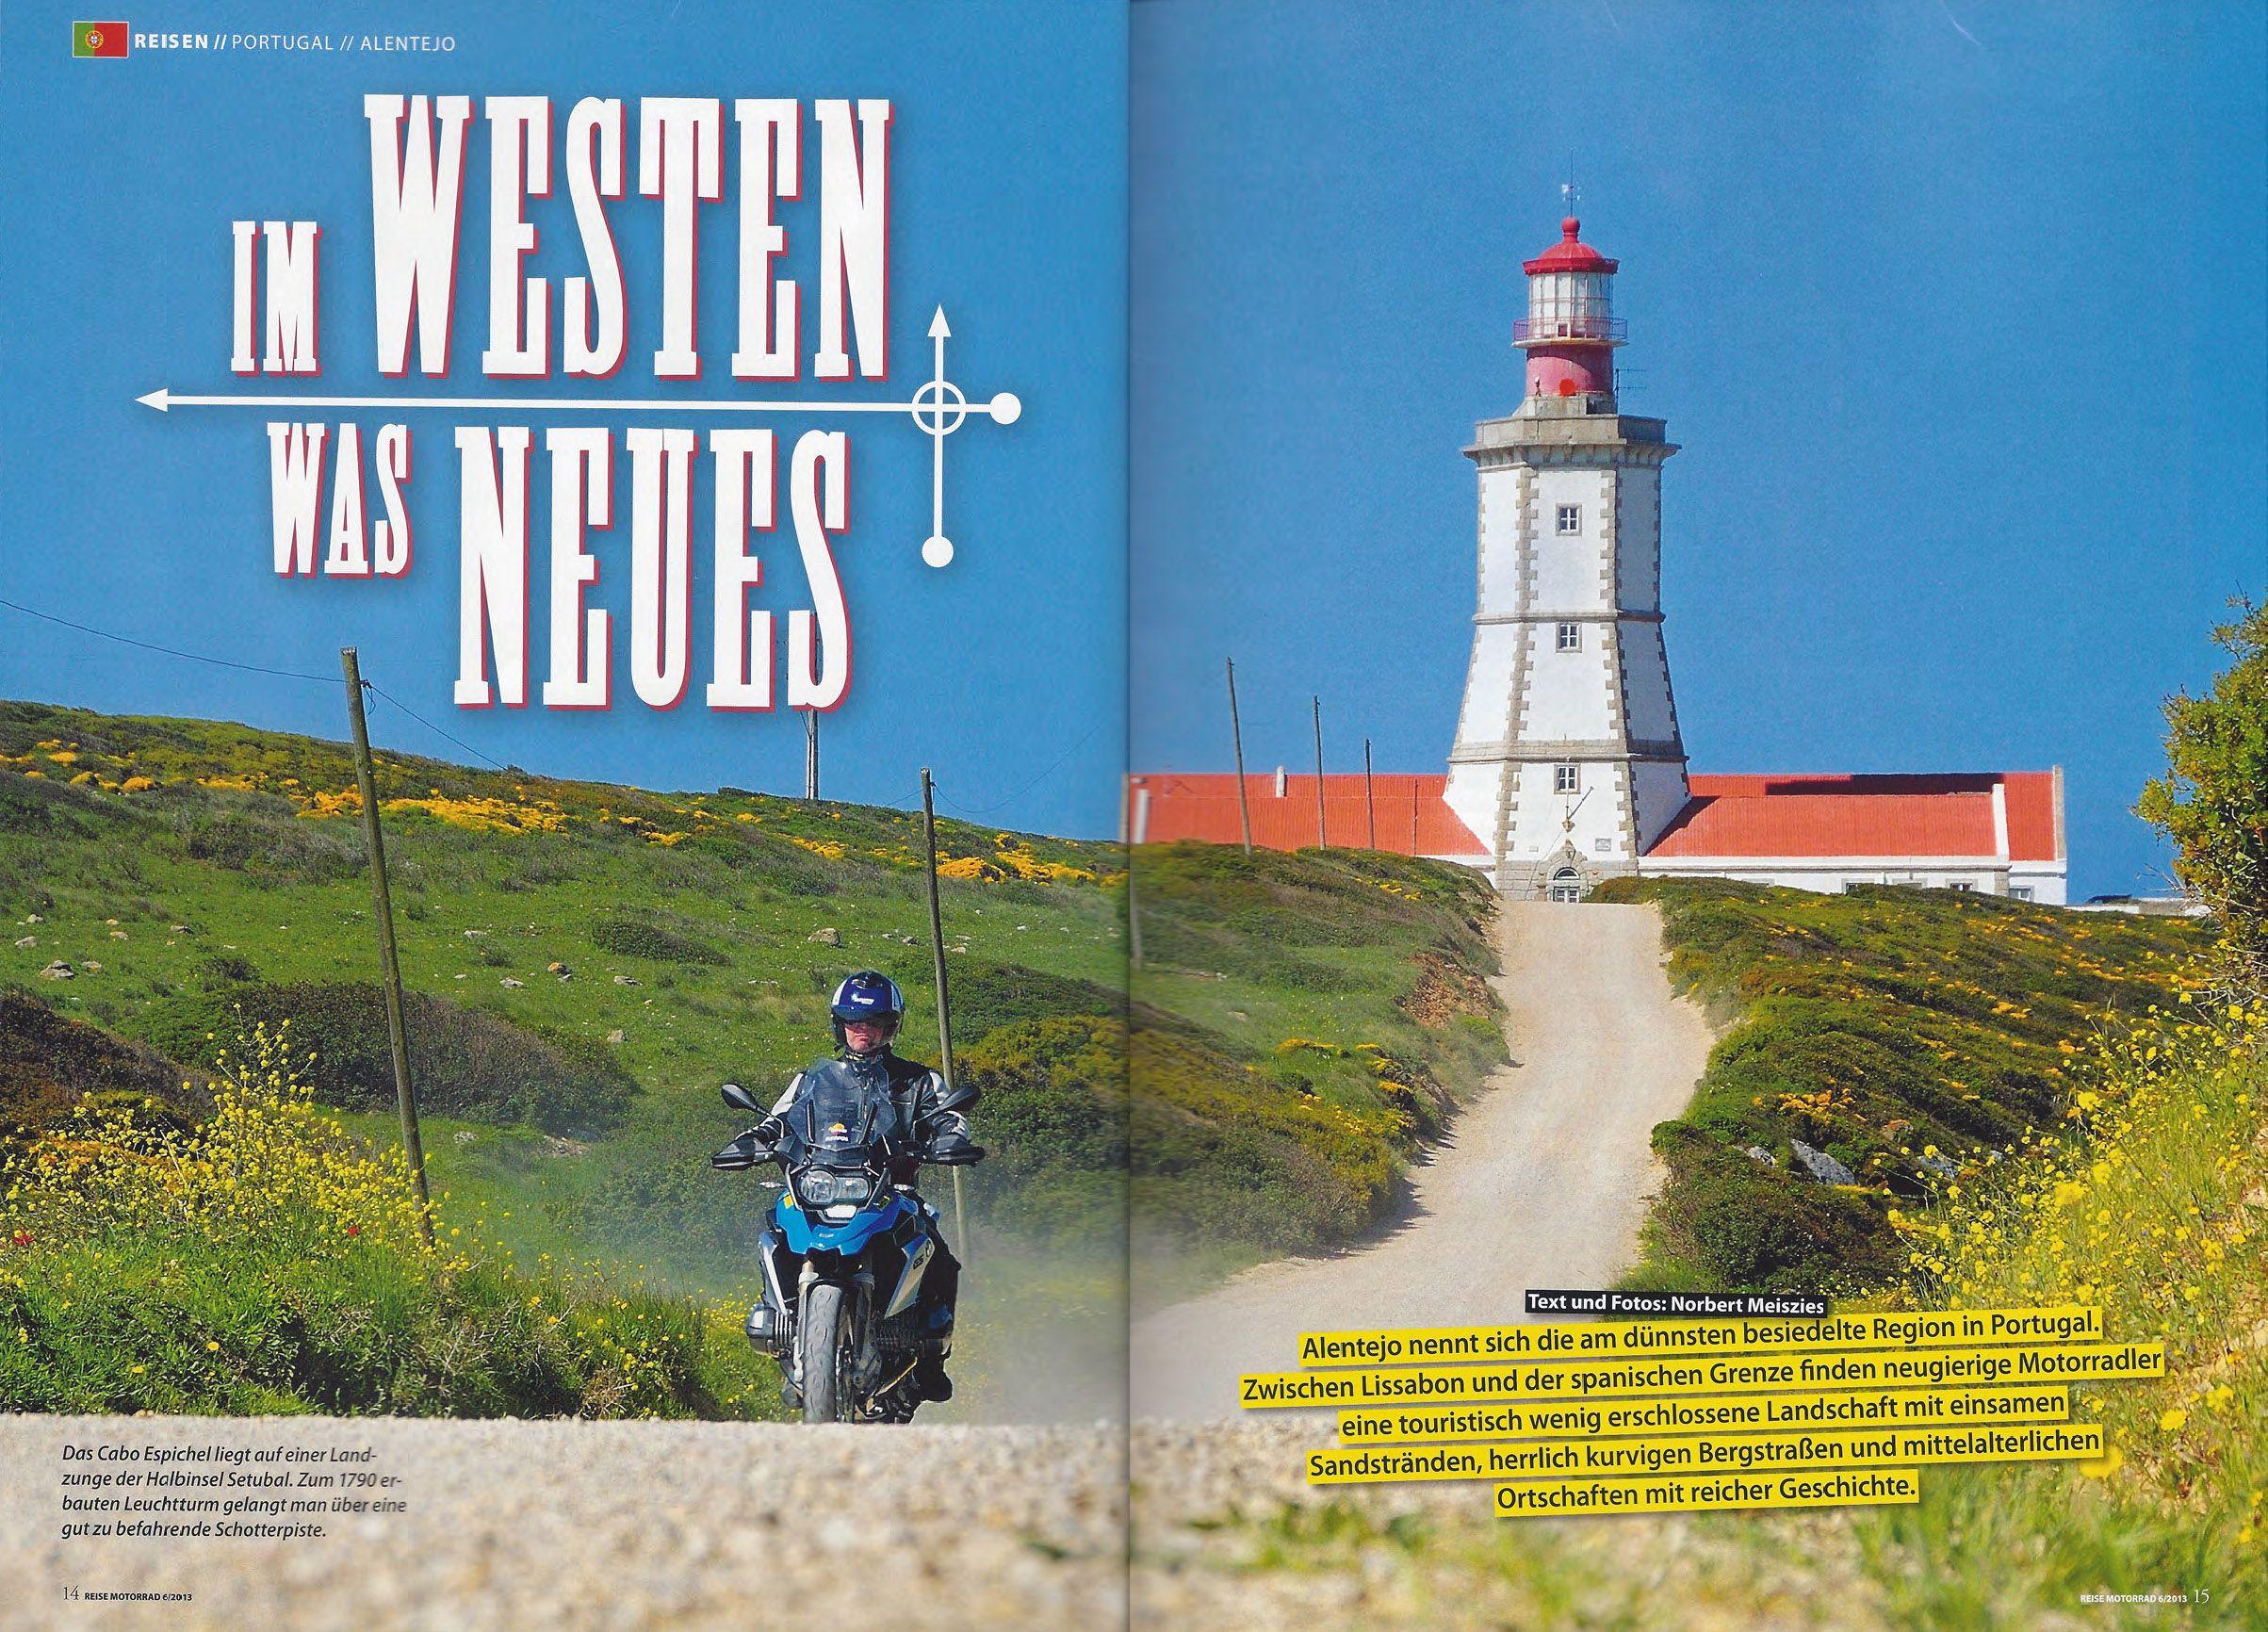 Im Westen was Neues | von Norbert Meiszies, REISE MOTORRAD - ride on seite 14-15 - November / Dezember 2013 (n. 6/2013) | Das Cabo Espichel liegt auf einer Landzunge der Halbinsel Setubal. Zum 1790 erbauten Leuchtturm gelangt man über eine gut zu befahrende Scho...